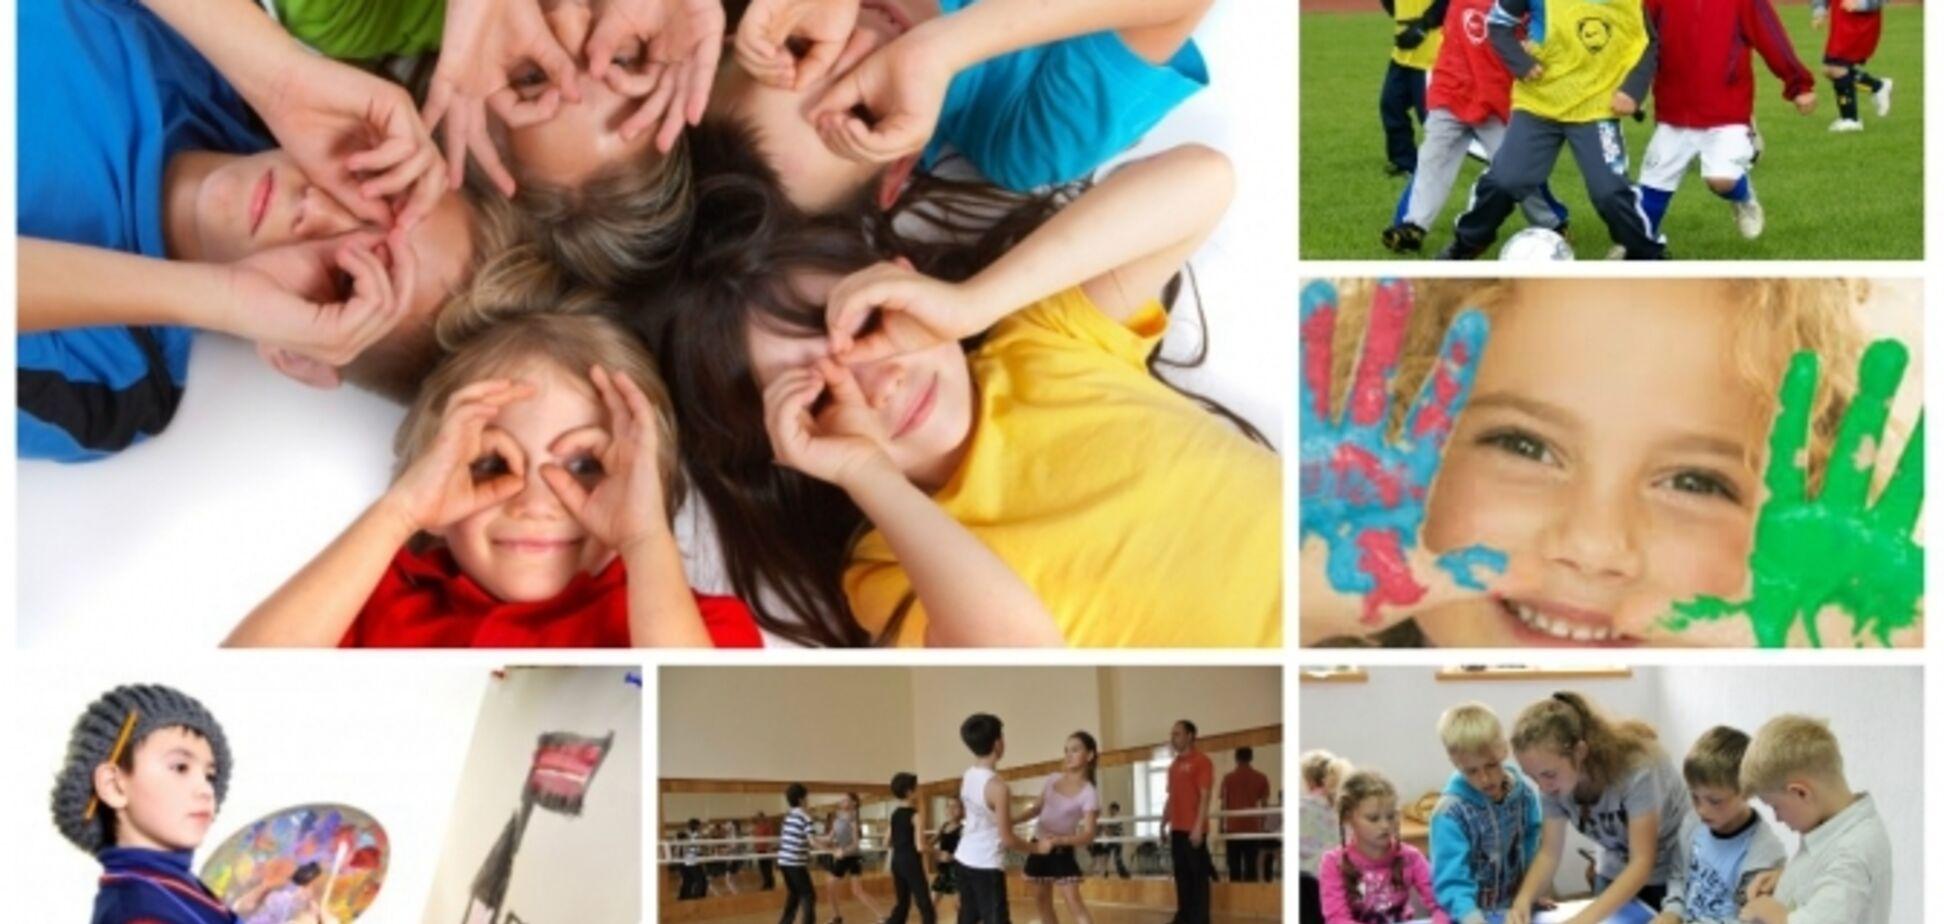 Как выбрать кружок для ребенка: украинский психолог дала советы